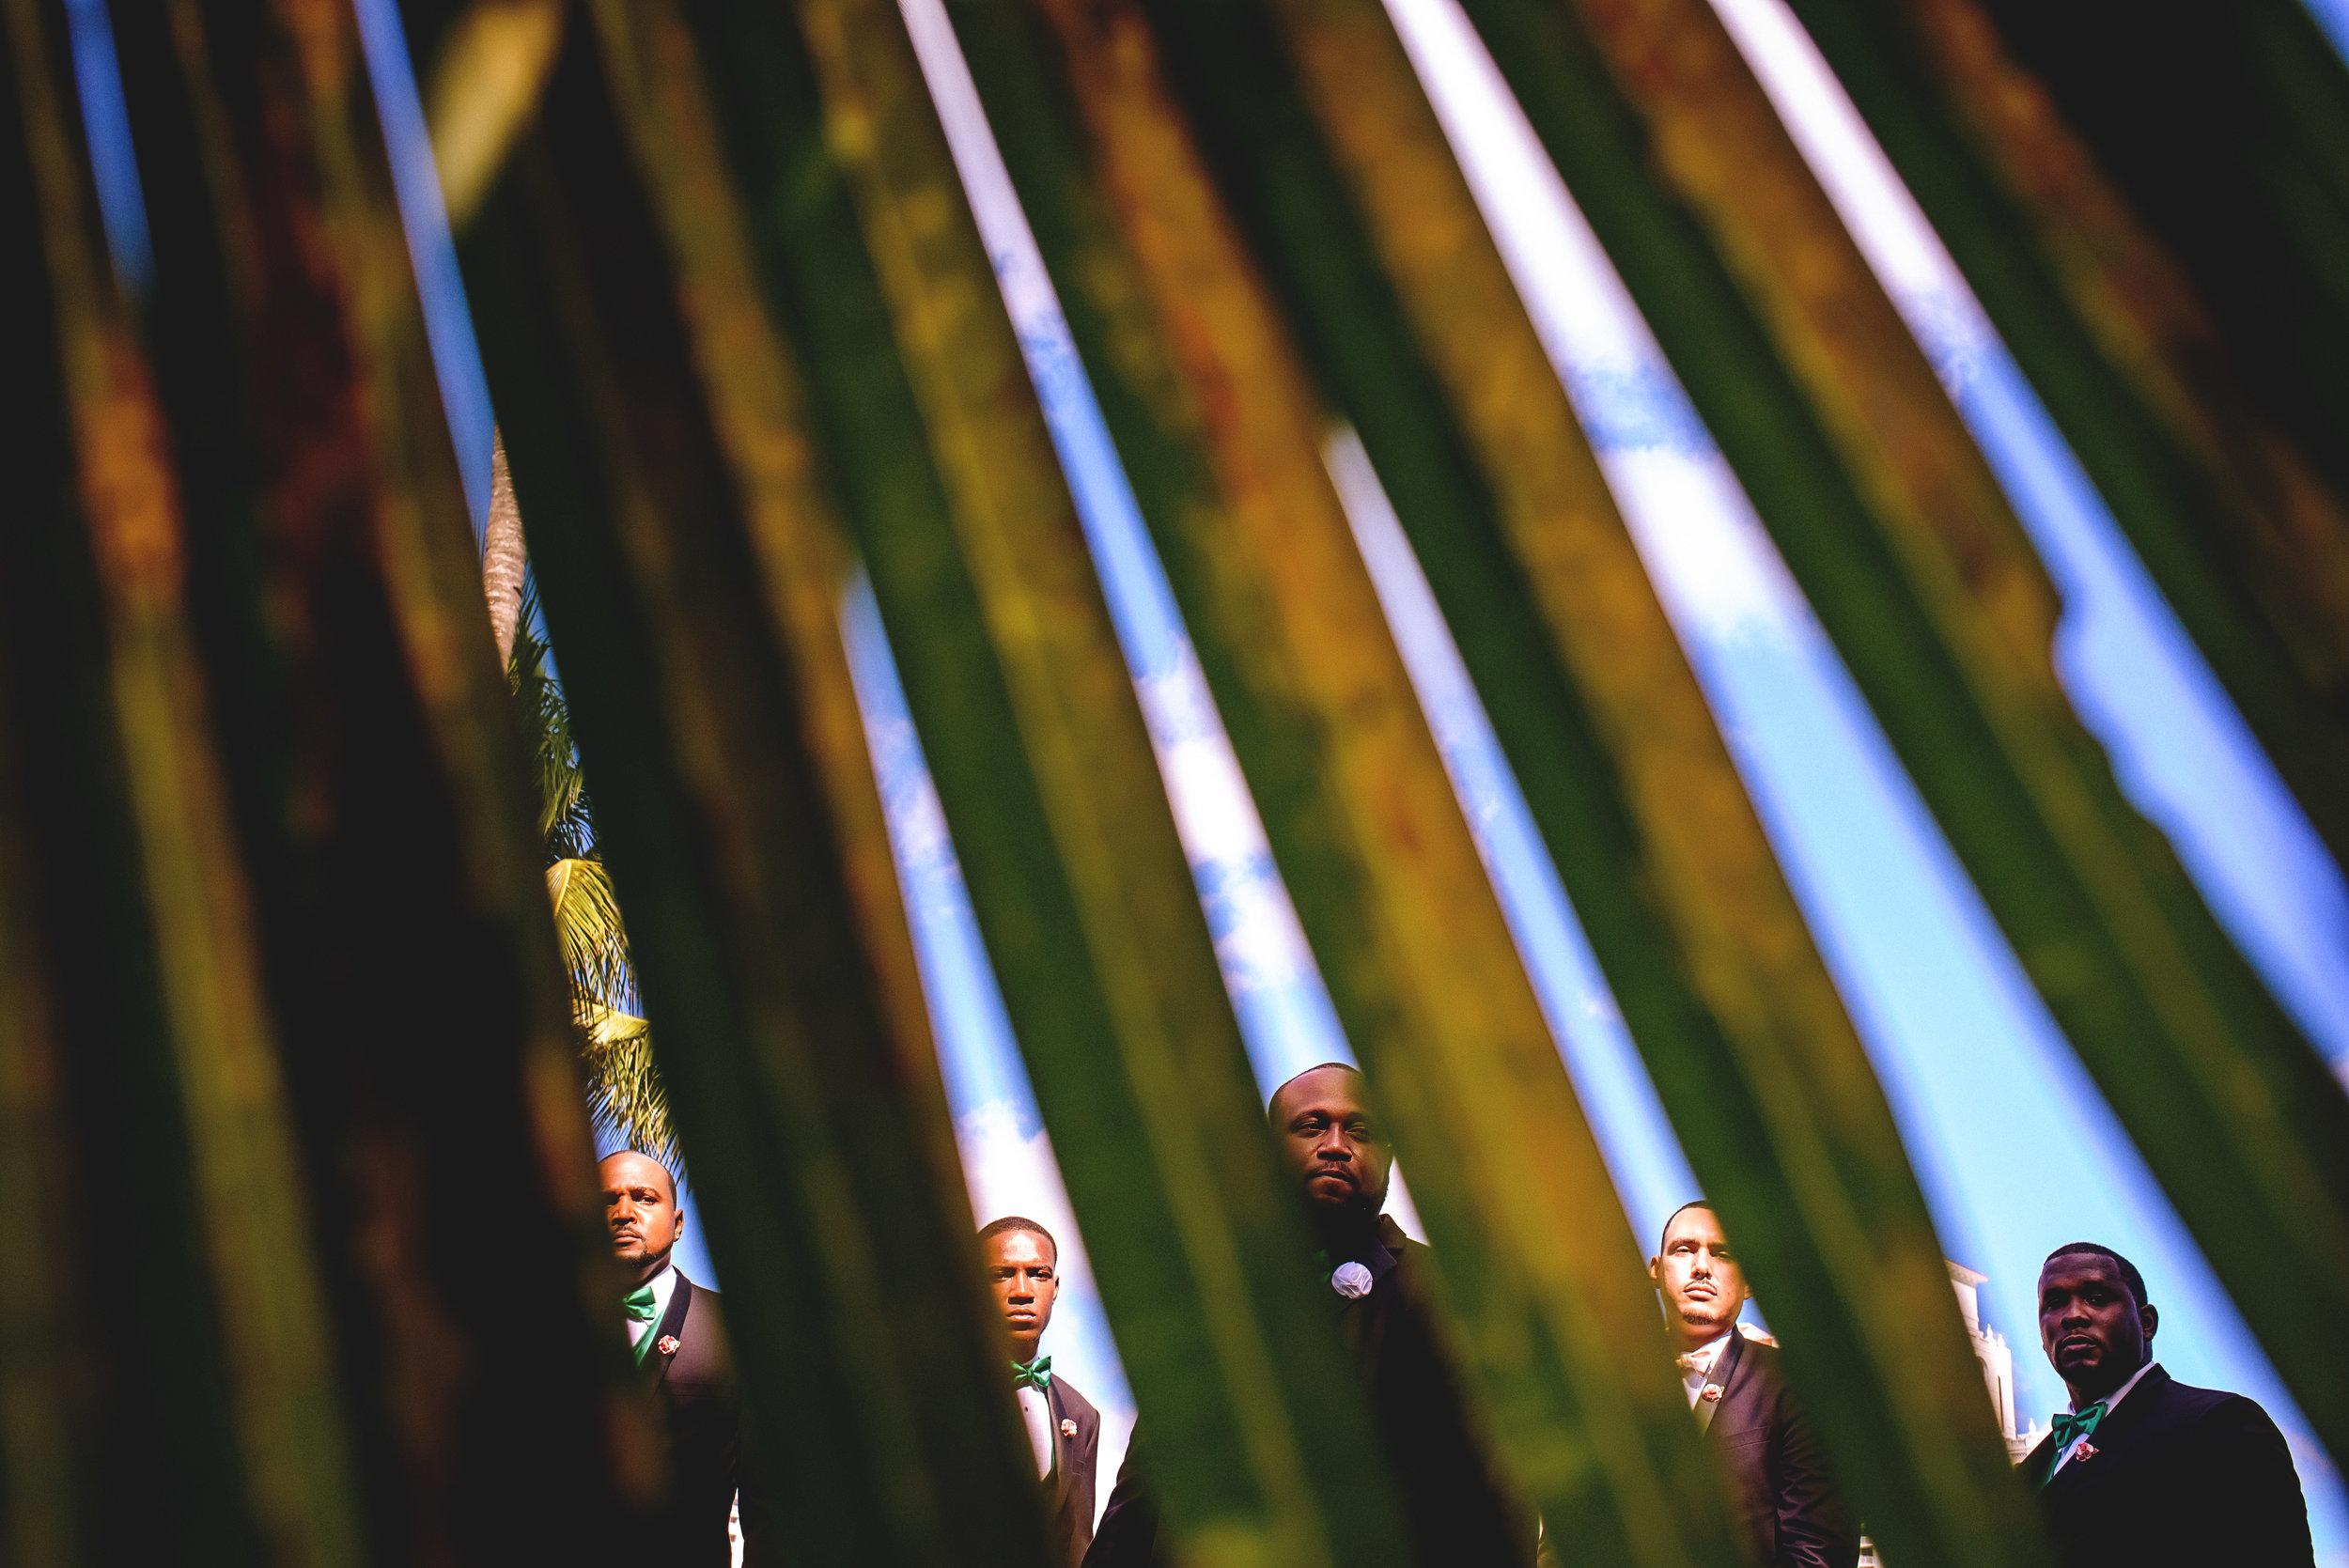 2017-11-17-Wedding-Kirth Bobb-Nassua-Robert and Colette-00771.jpg